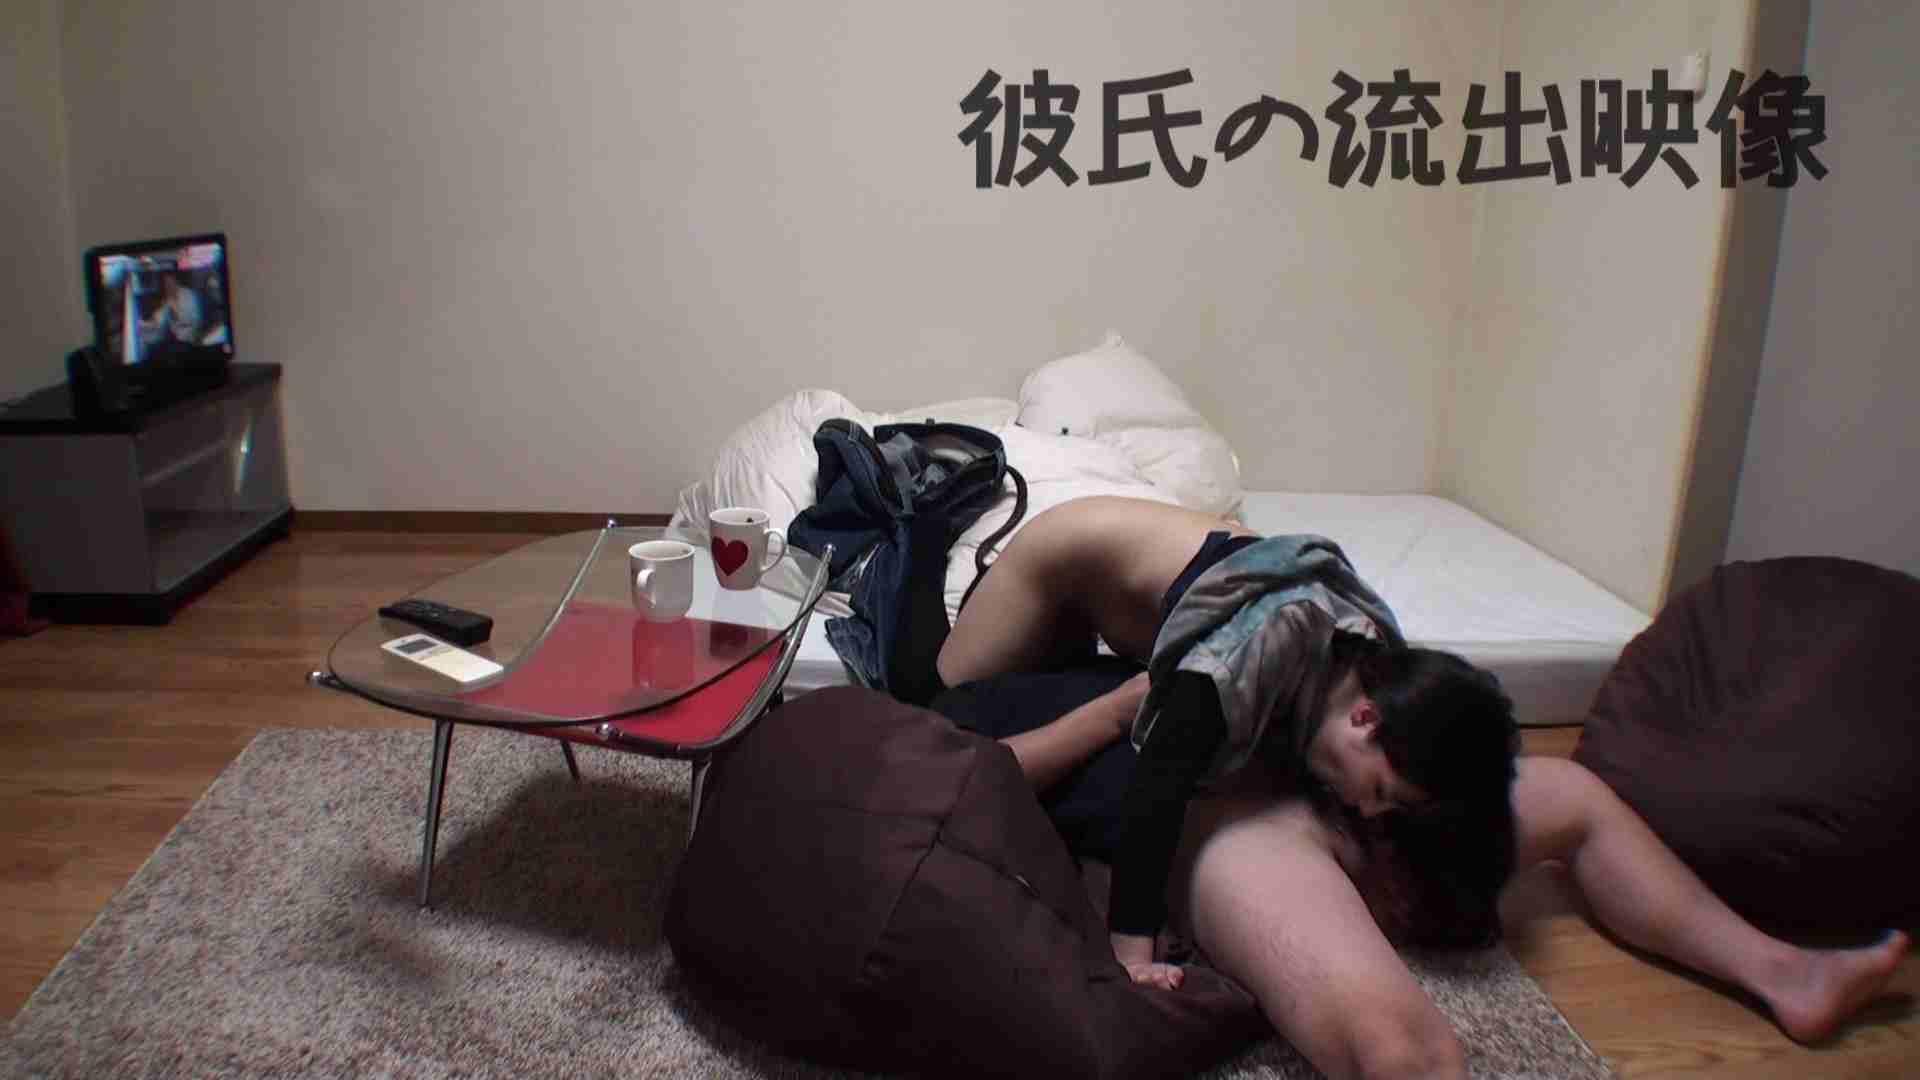 彼氏が流出 パイパン素人嬢のハメ撮り映像02 カップルのセックス  73PIX 42